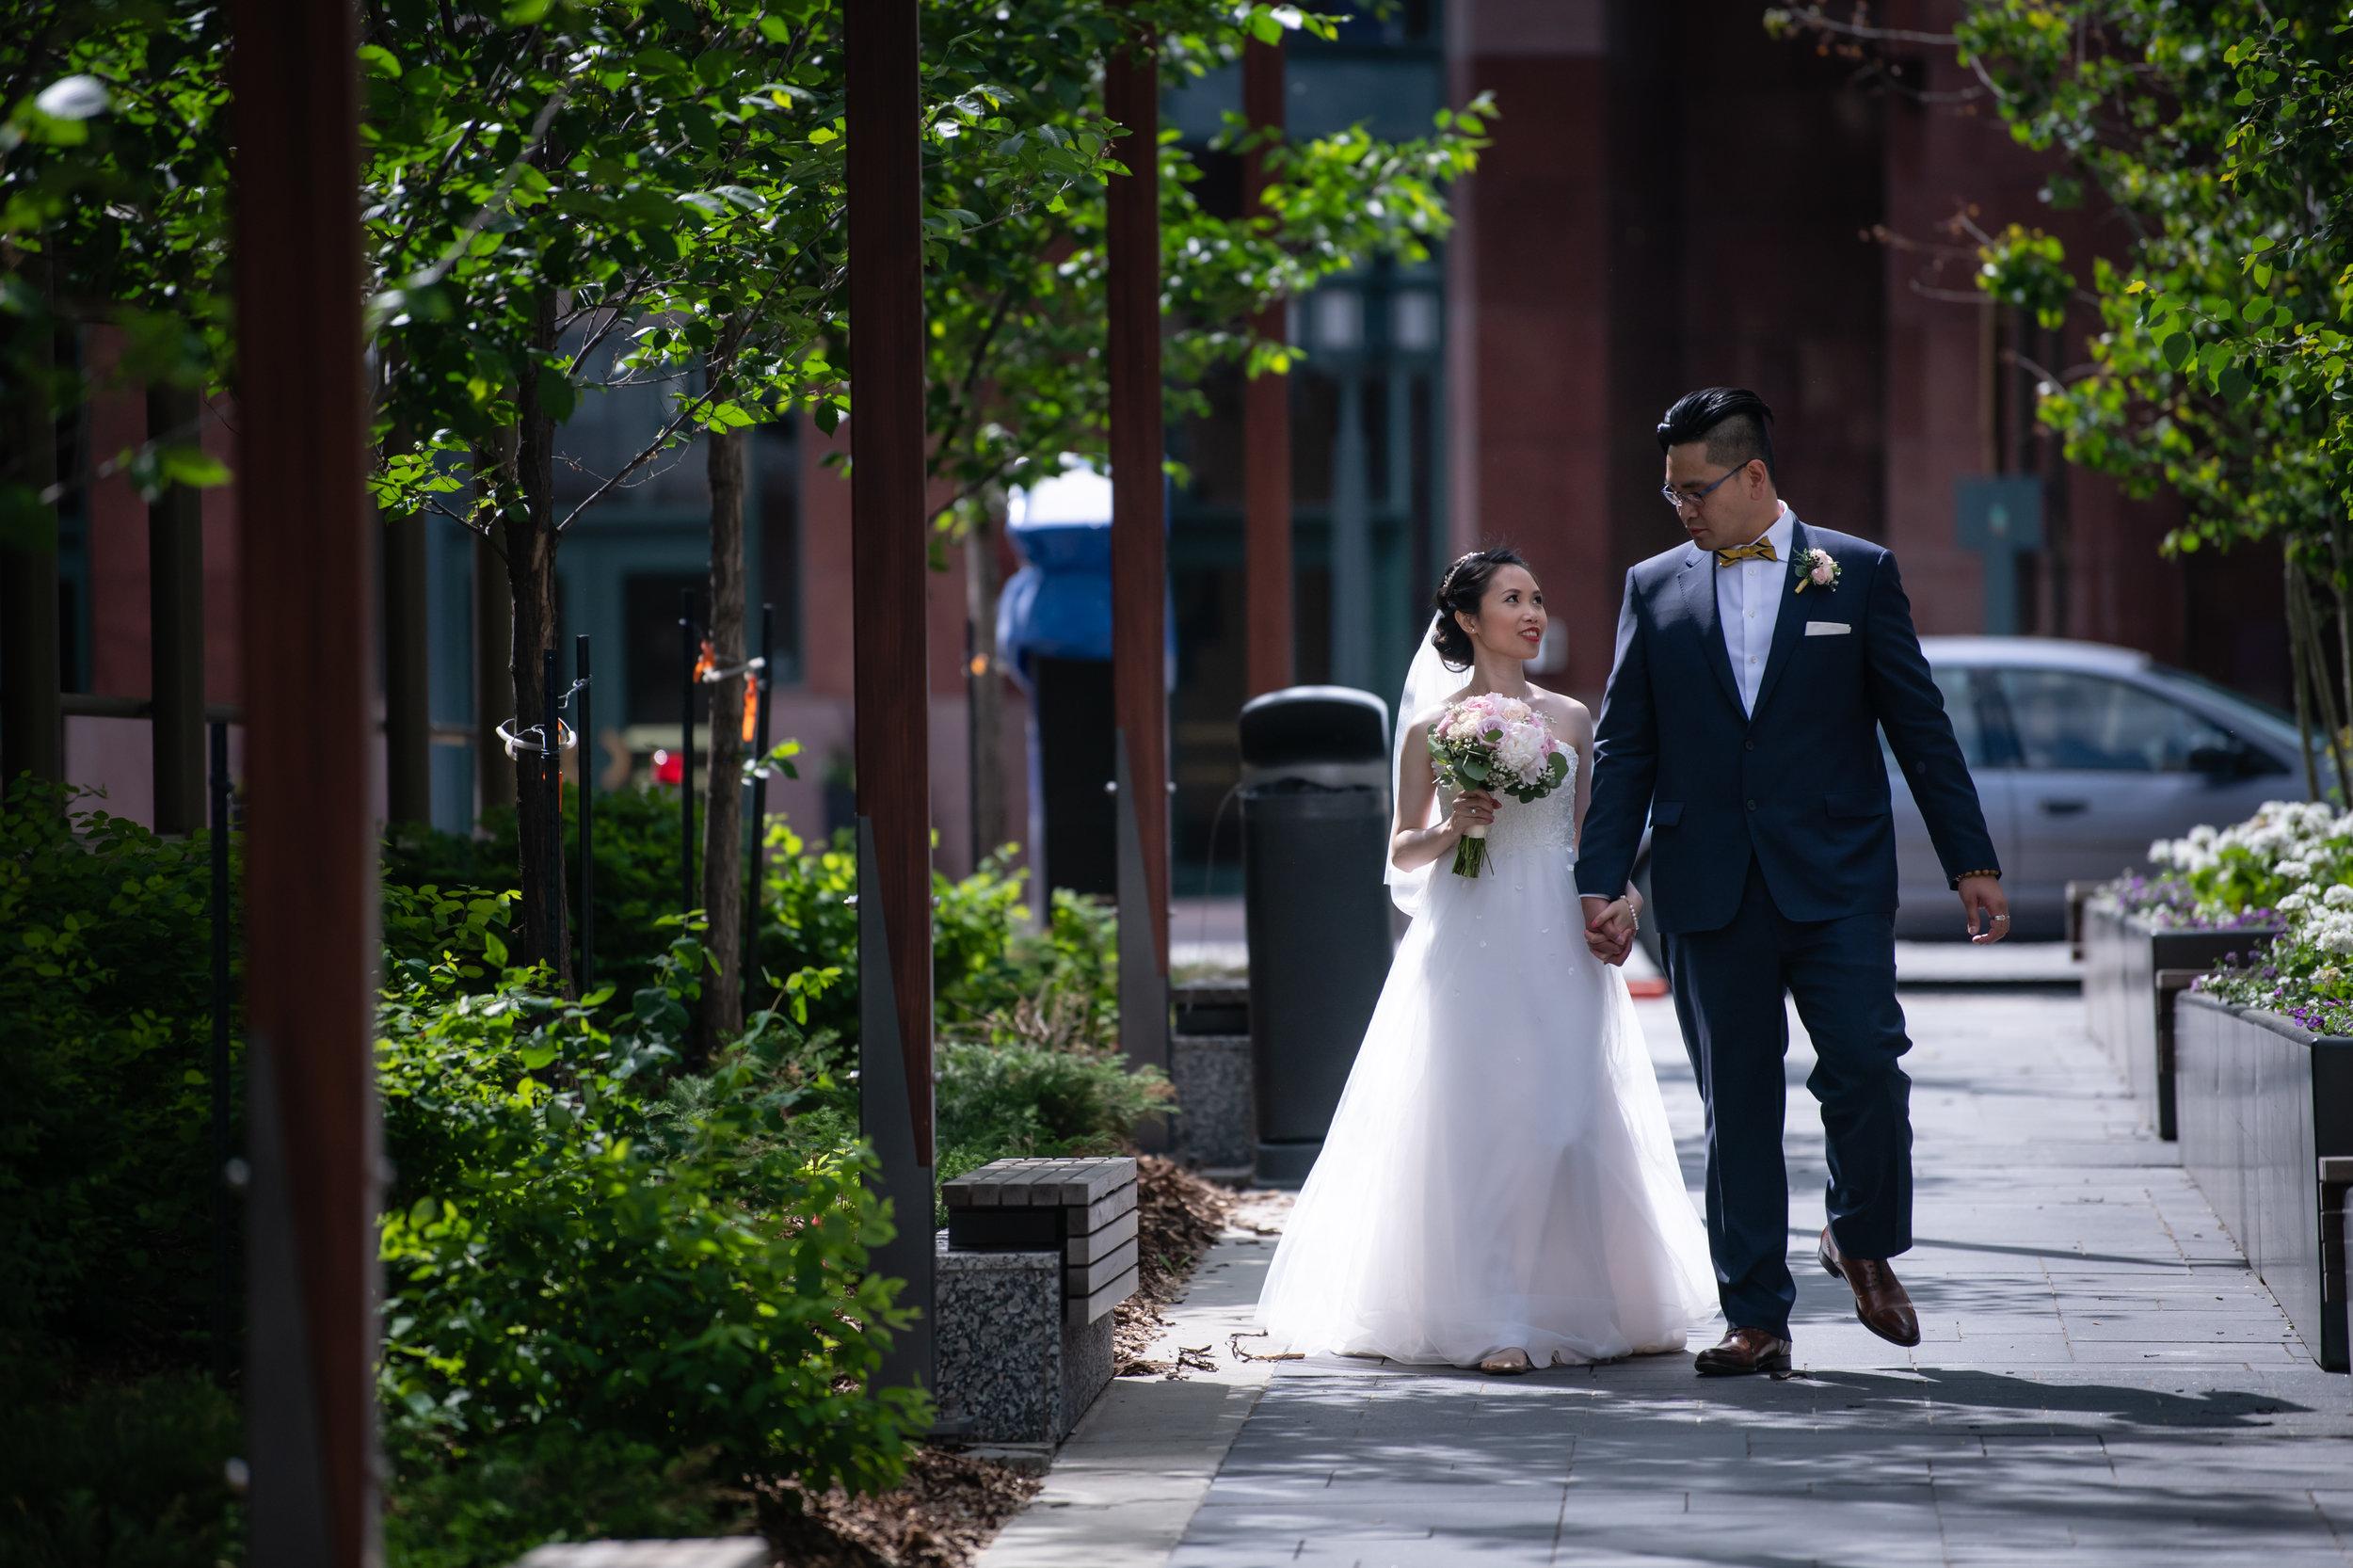 Selina_Chris_Wedding_Sneak_Peek_062.jpg